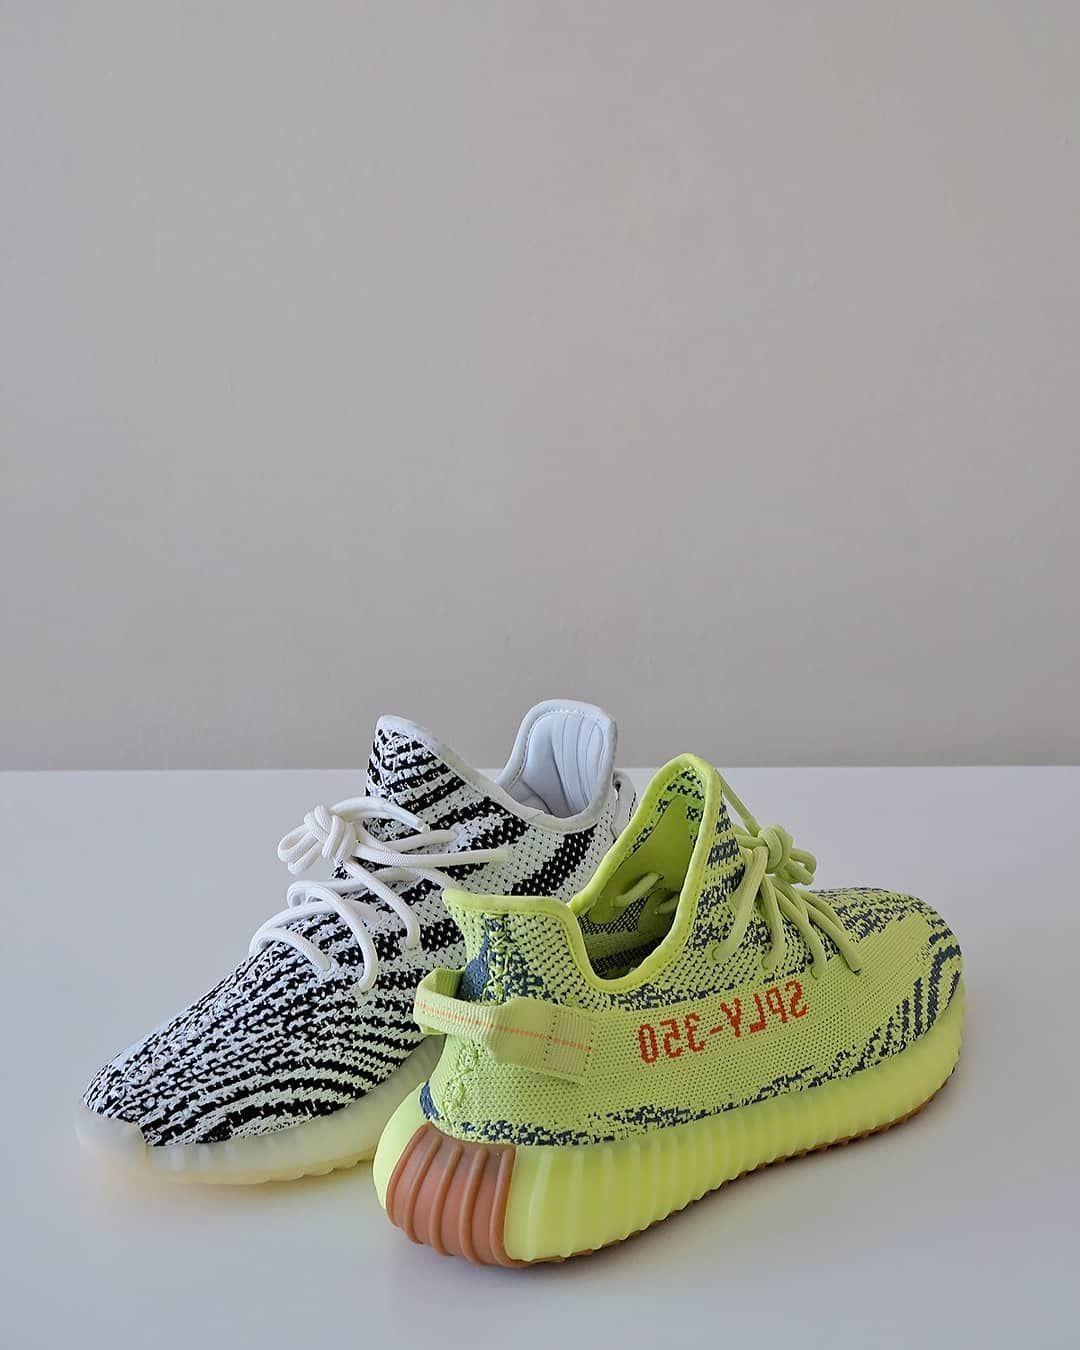 Pin Von Grailify Auf Schuhe Yeezy Schuhe Adidas Schuhe Adidas